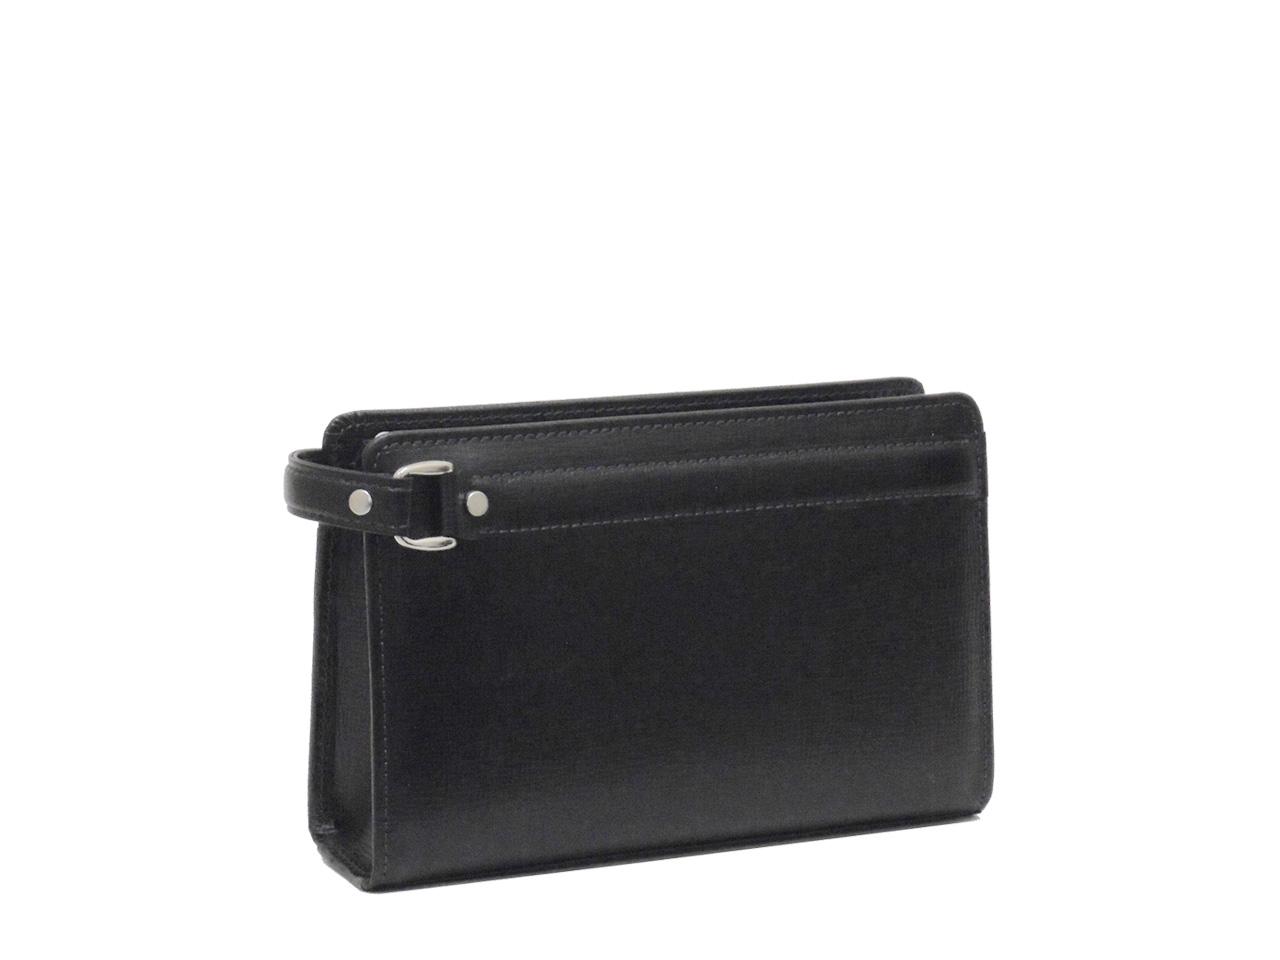 青木鞄 Lugard BALBOS ラガード バルボス メンズ セカンドバッグ 4309 JAPAN 日本正規代理店品 日本製 MADE IN 正規品